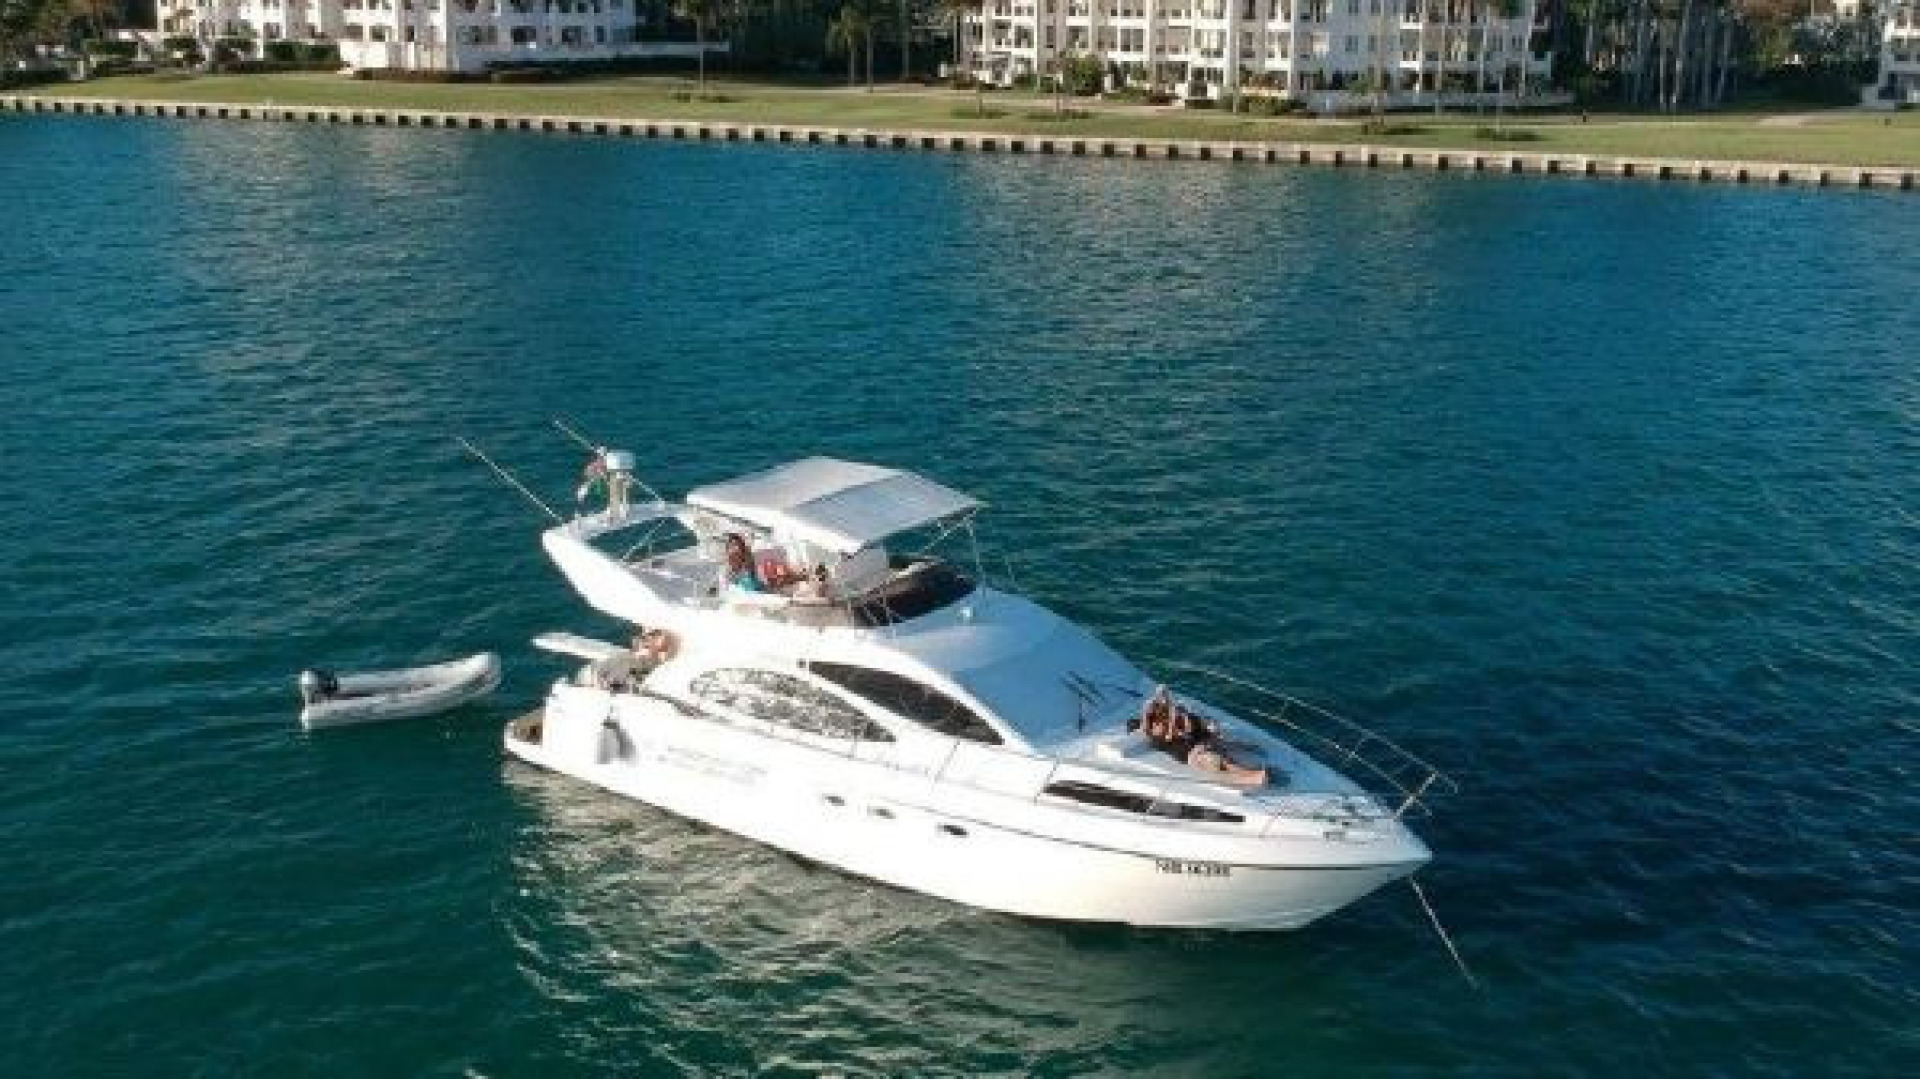 Azimut-Flybridge Motor Yacht 2000 -Boca Raton-Florida-United States-1564100 | Thumbnail